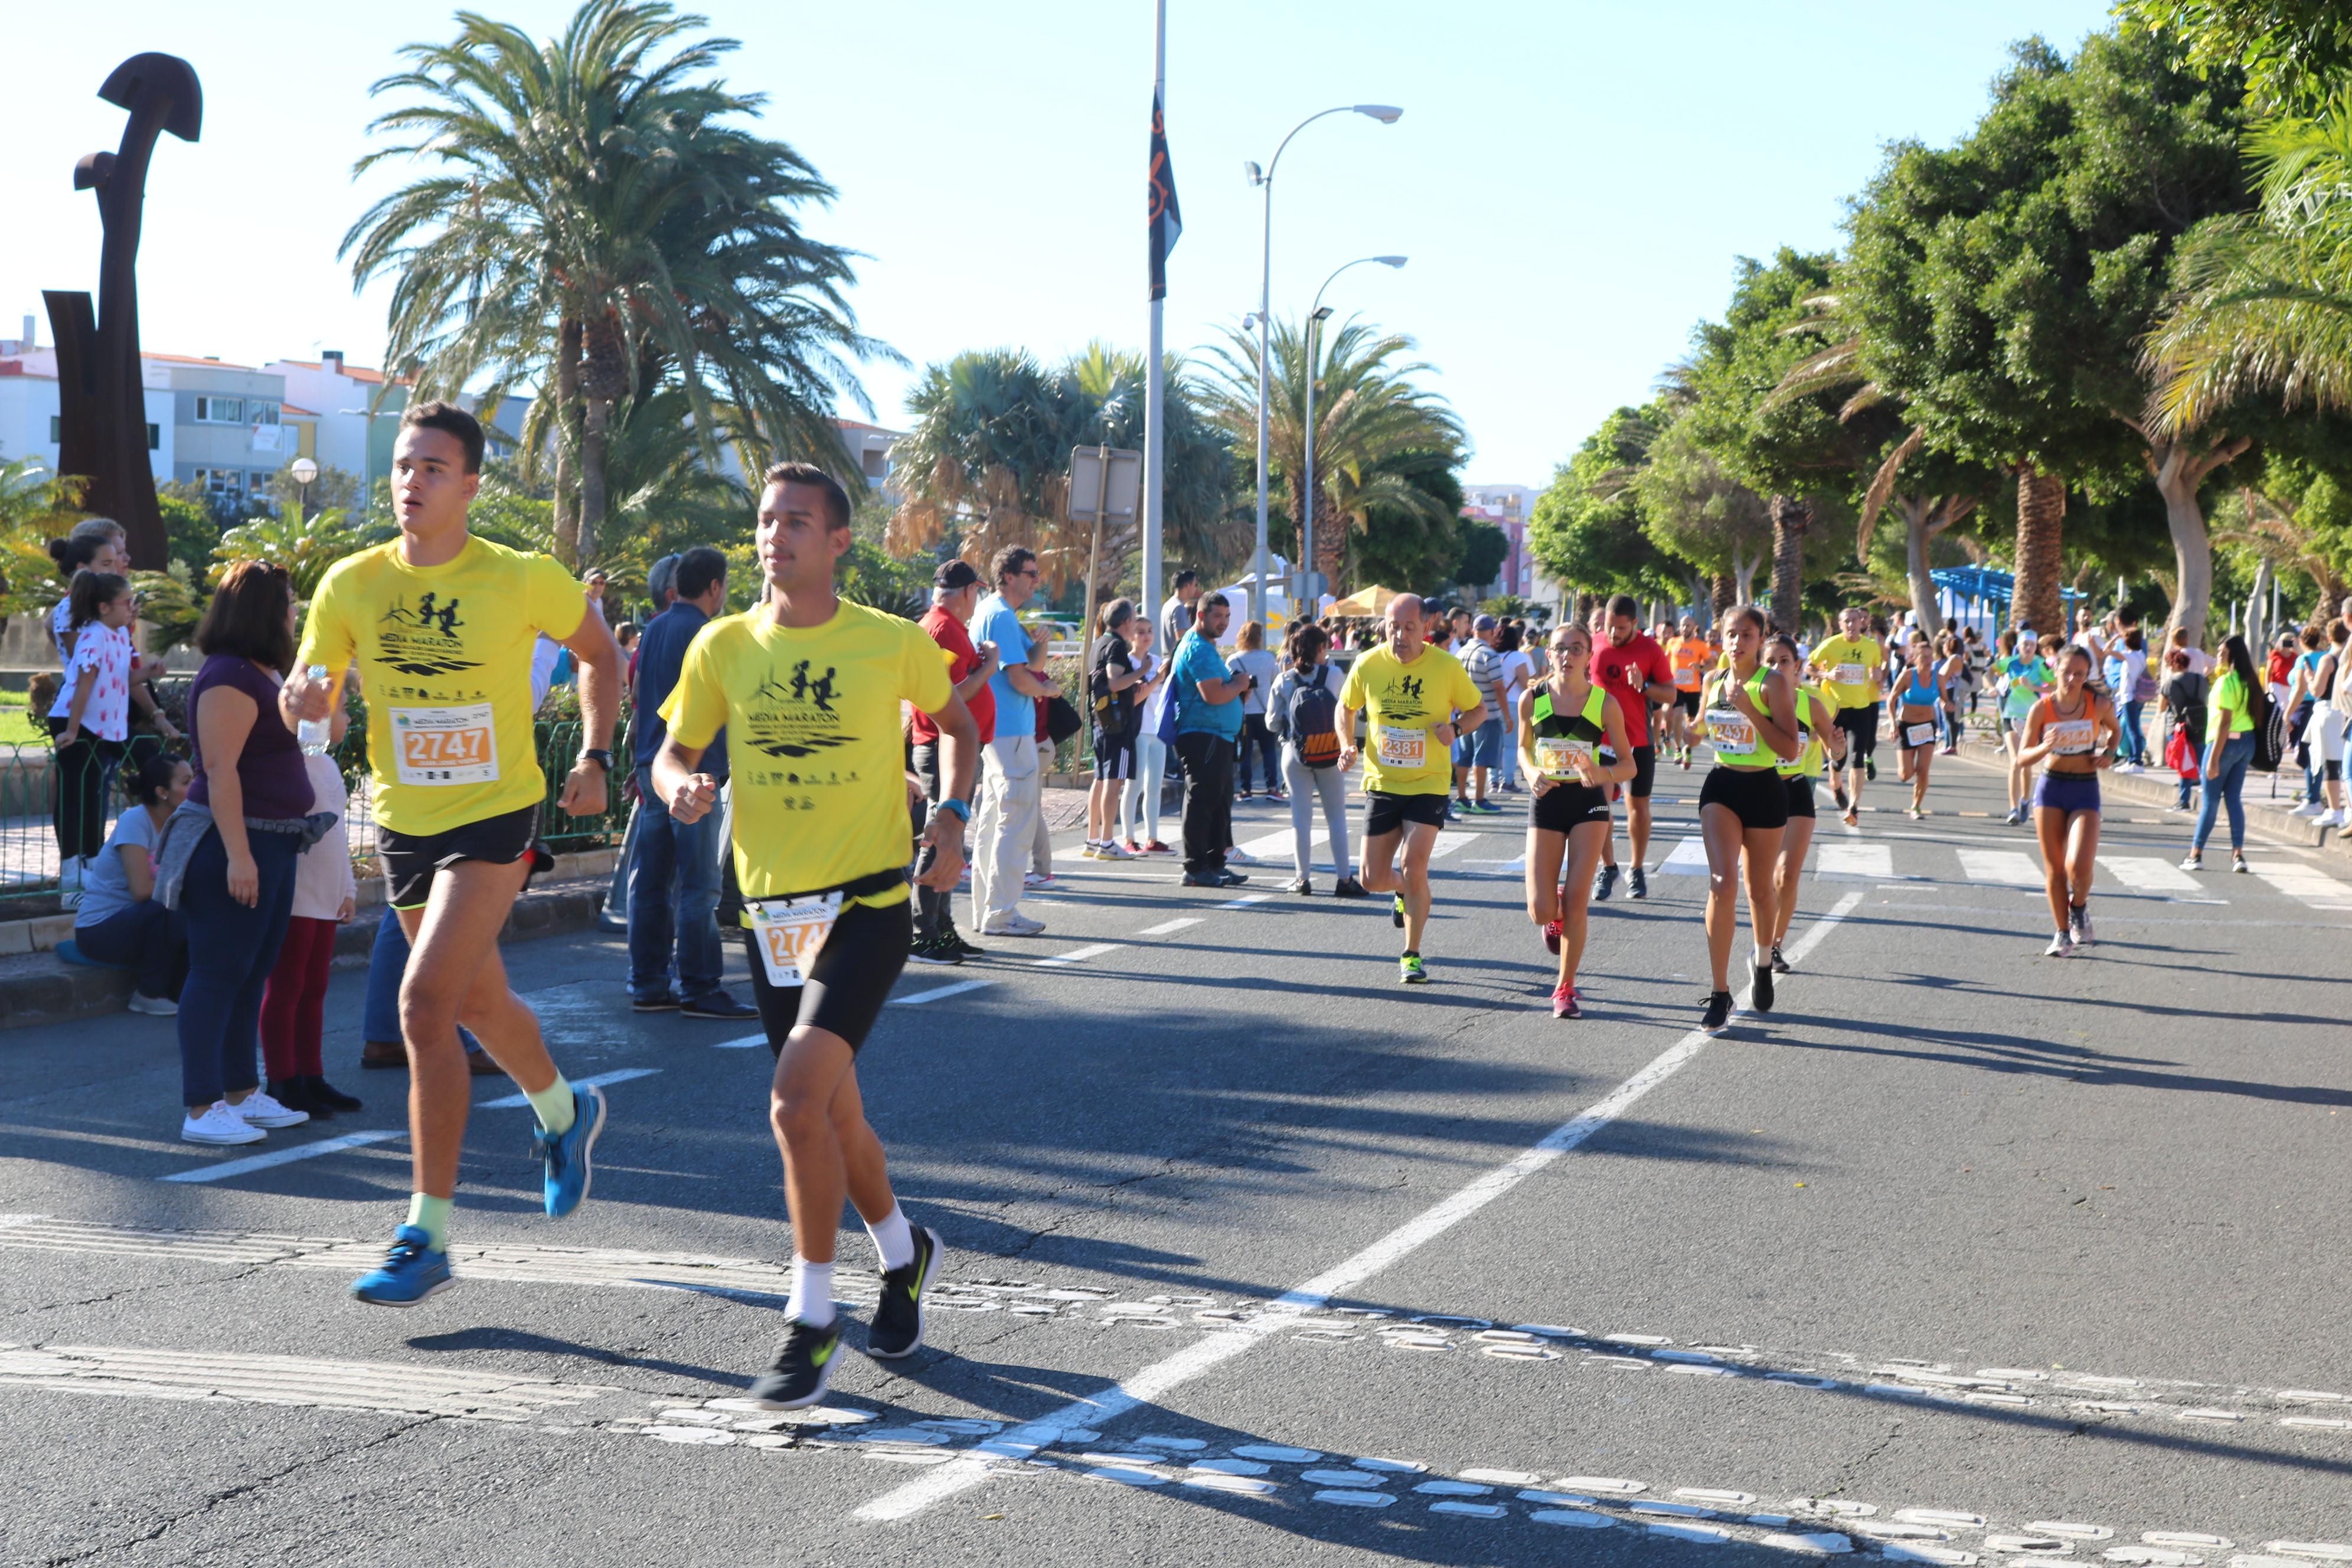 Abiertas las inscripciones para la XIII Gran Canaria Media Maratón Alcalde Camilo Sánchez